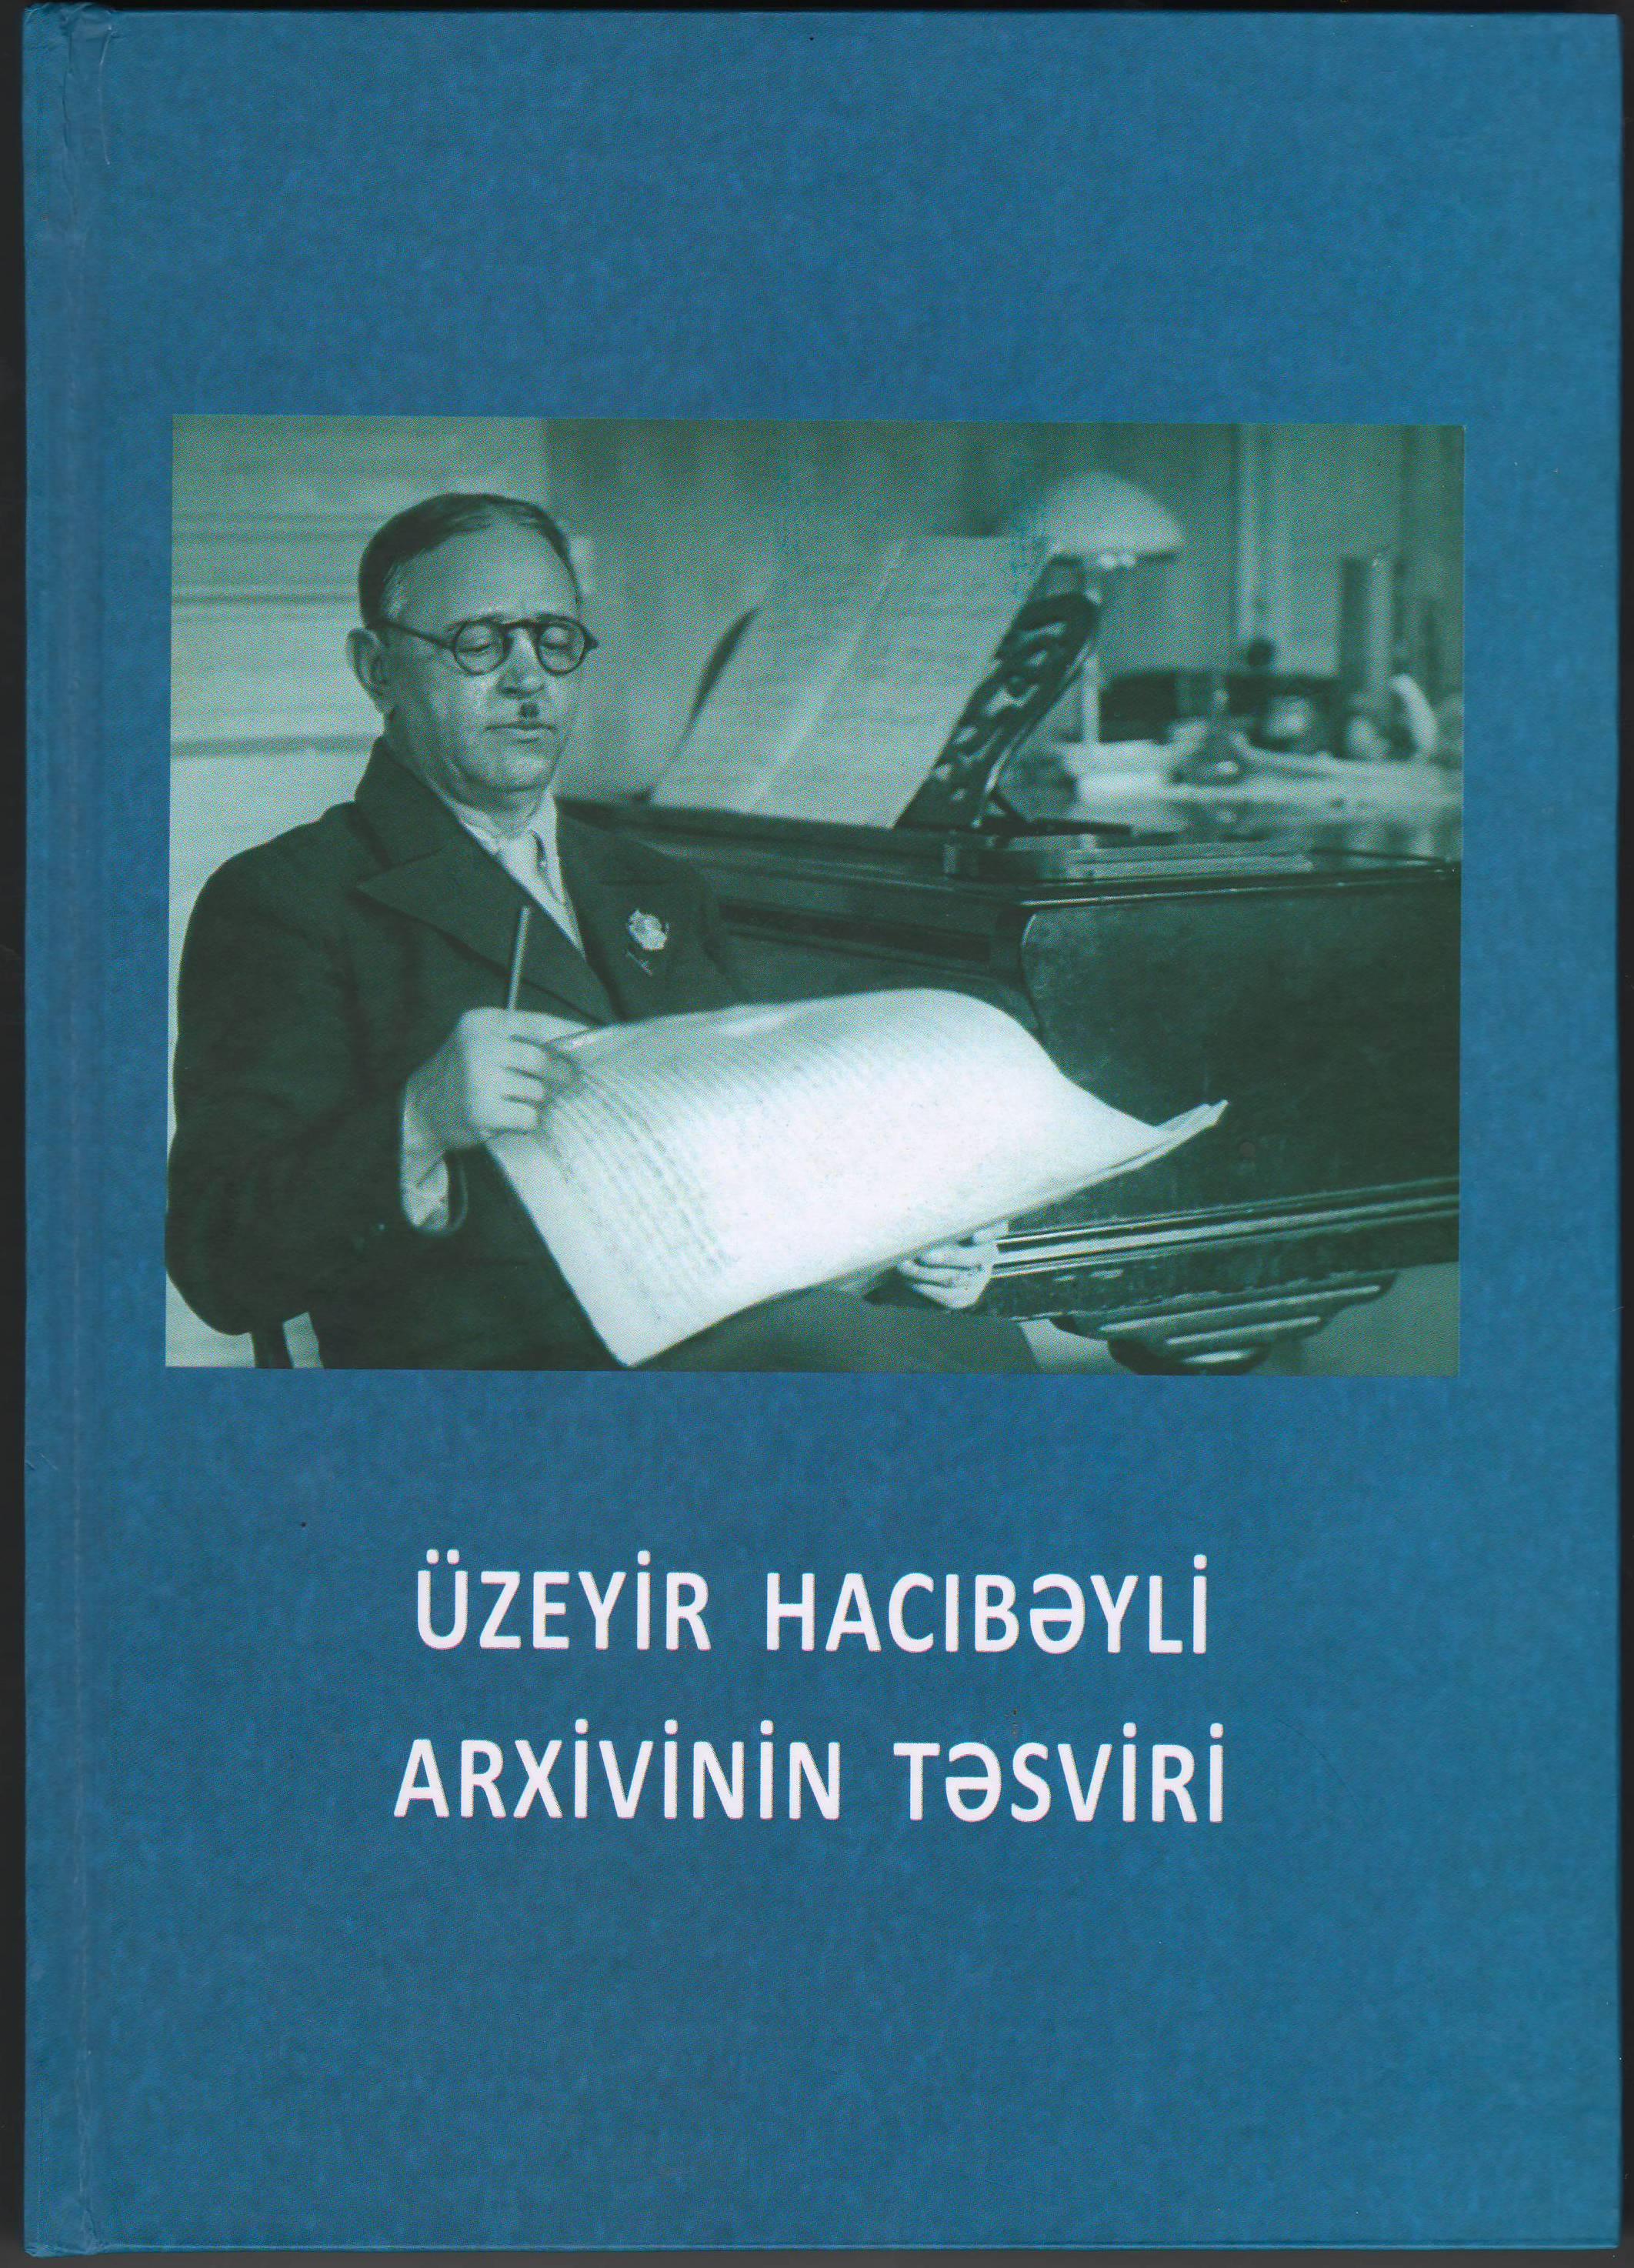 2018/09/uzeyir-hacibeyli_1537255802.jpg